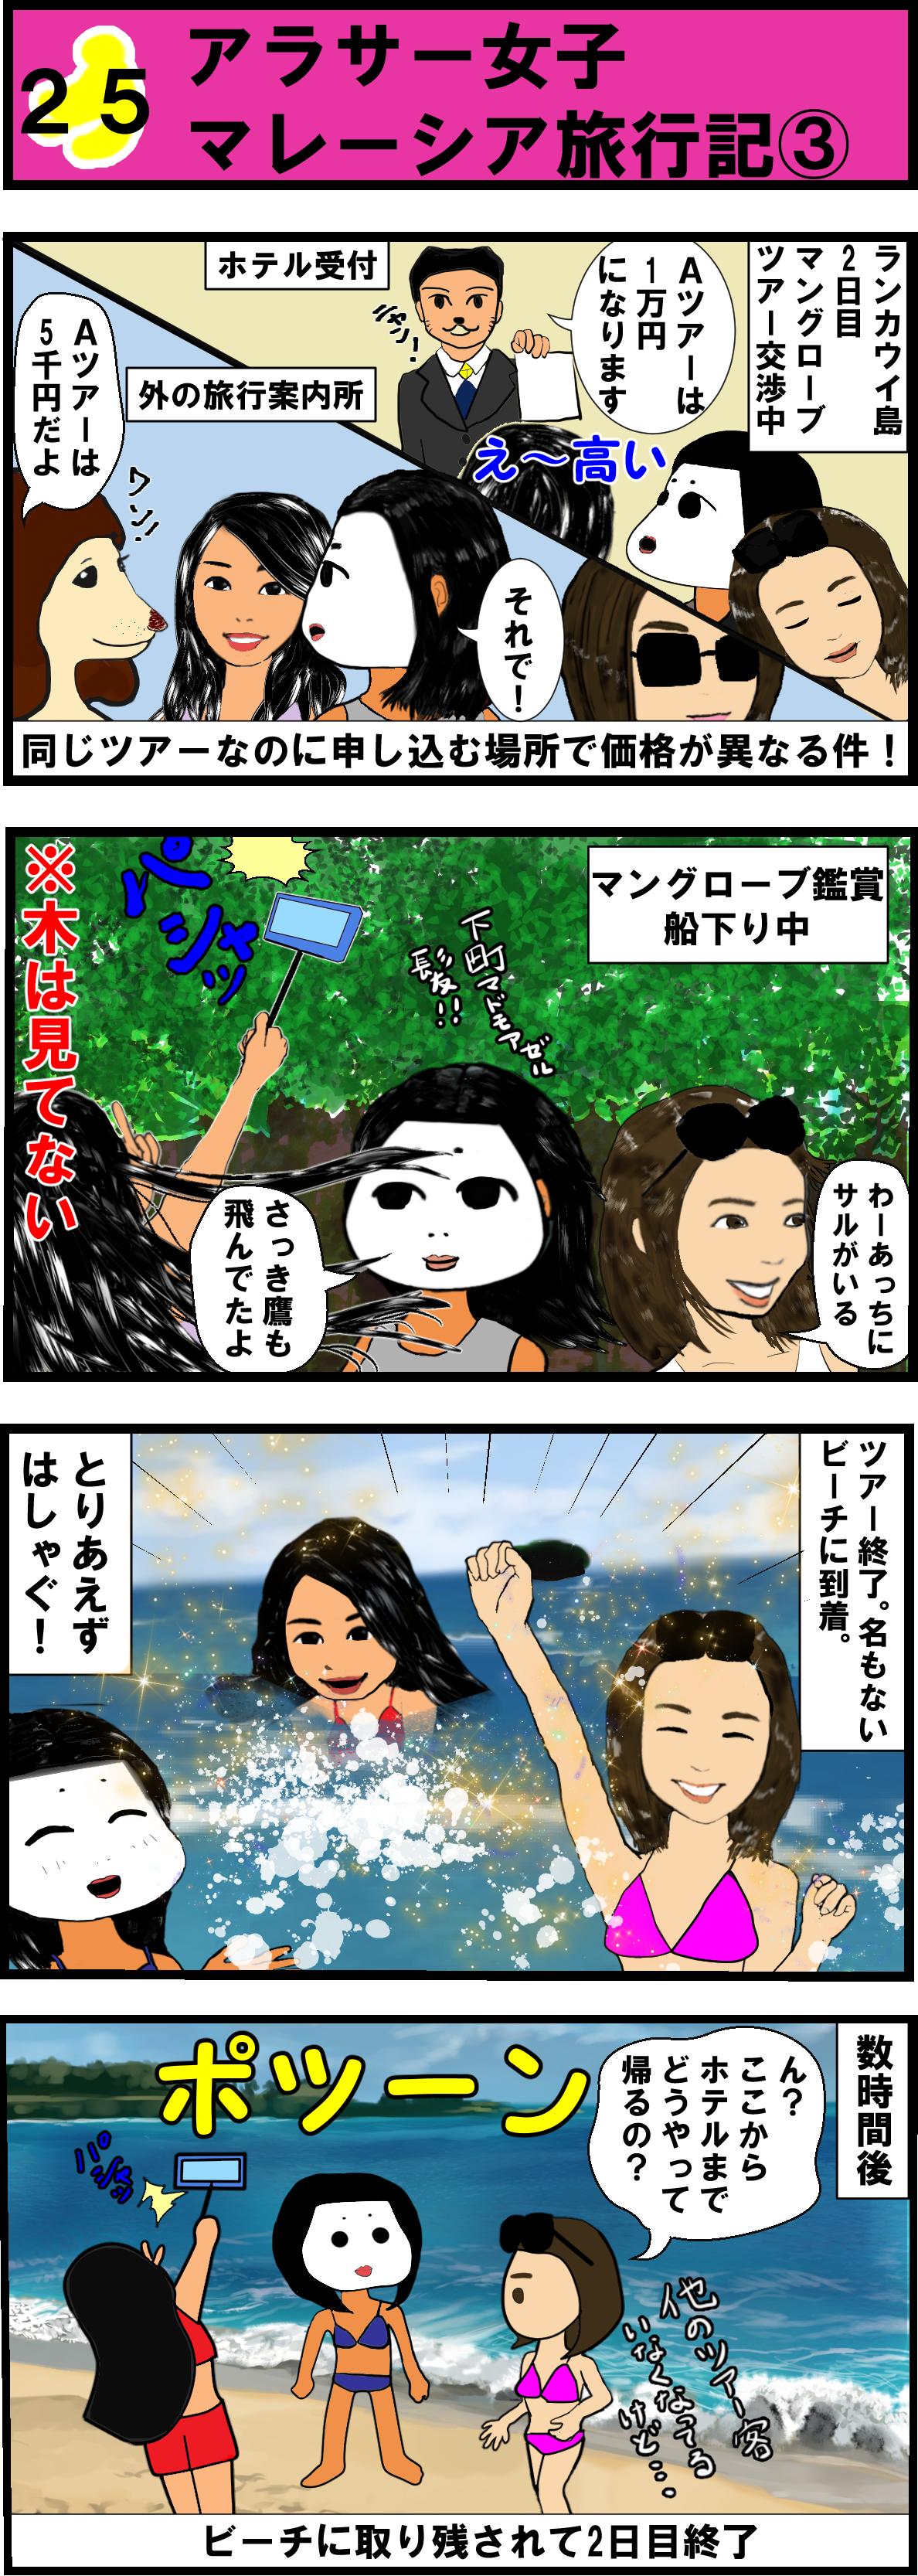 第25話 アラサー女子マレーシア編旅行記③